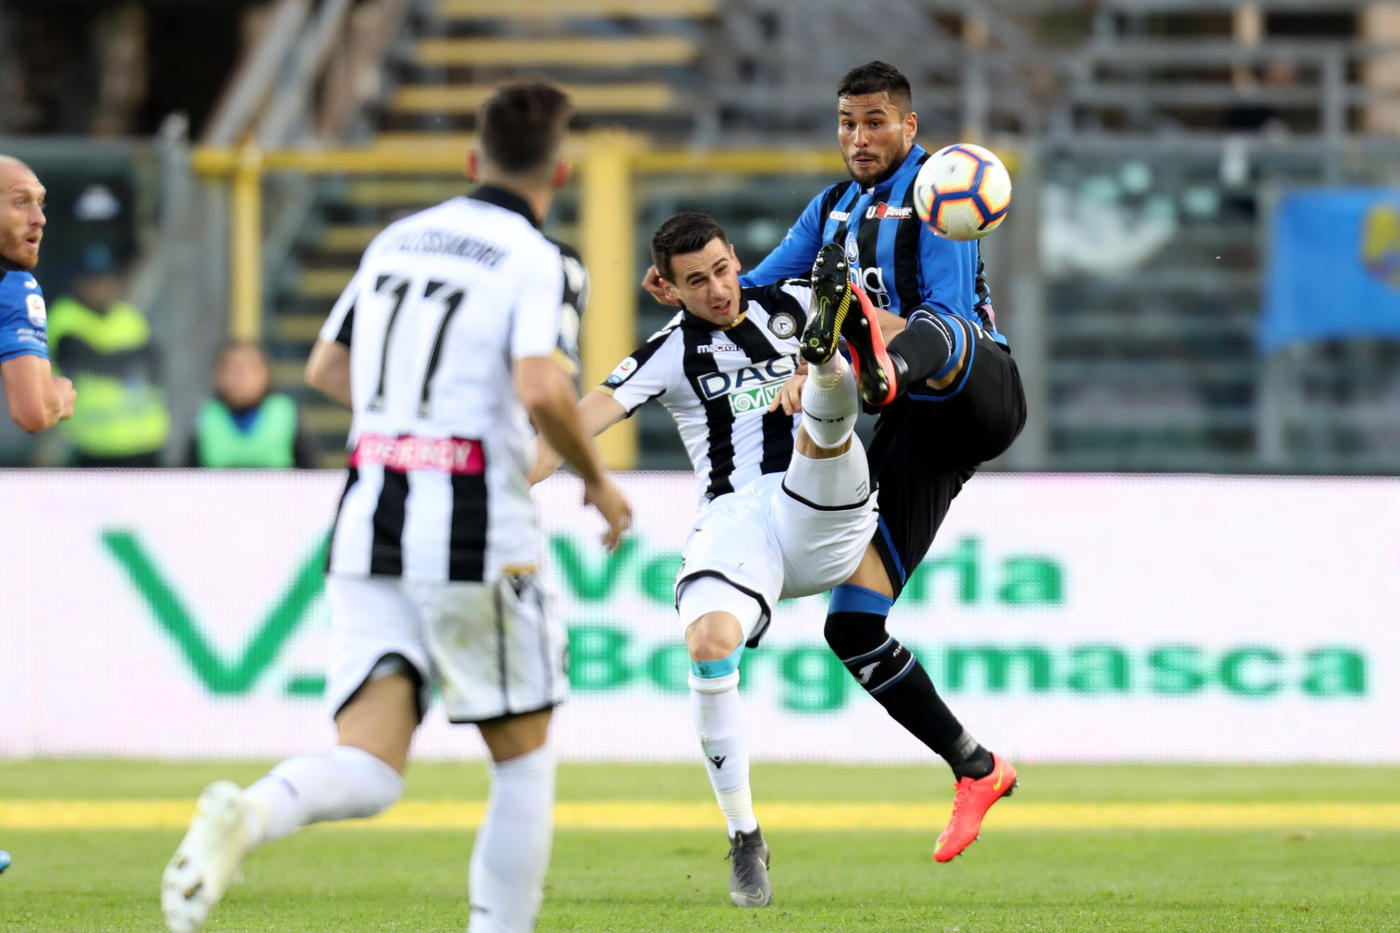 Le immagini del posticipo a Bergamo tra Atalanta e Udinese